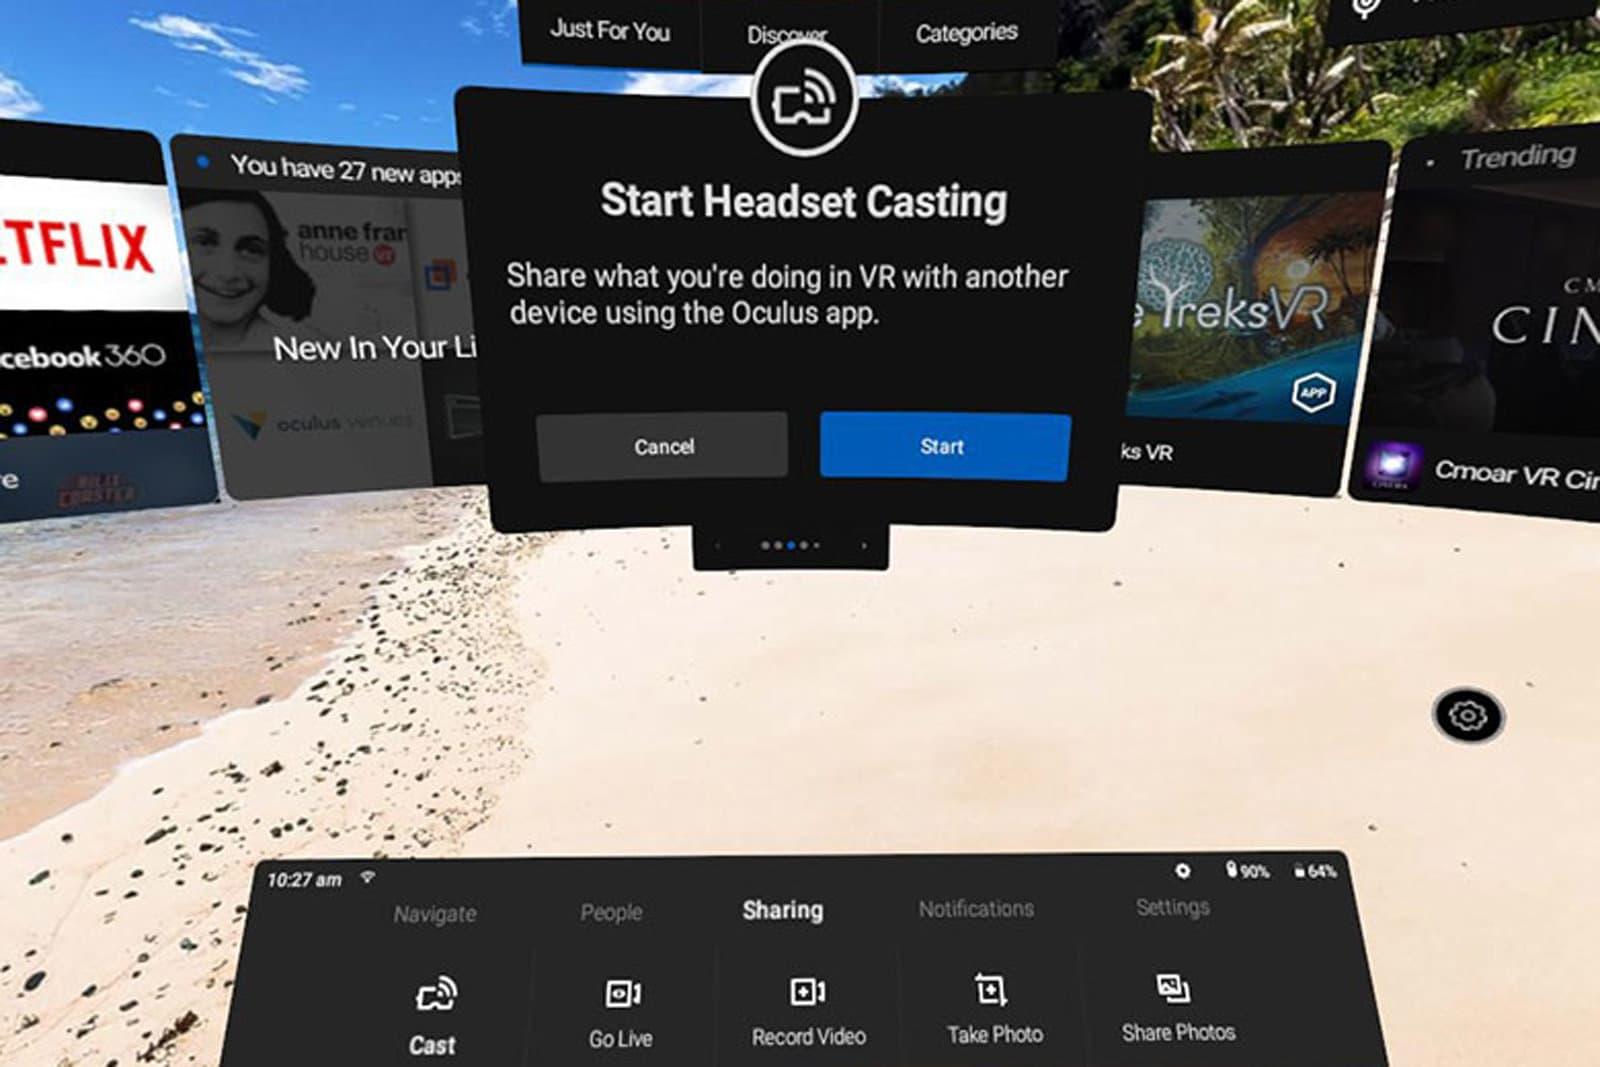 Oculus Go Casting